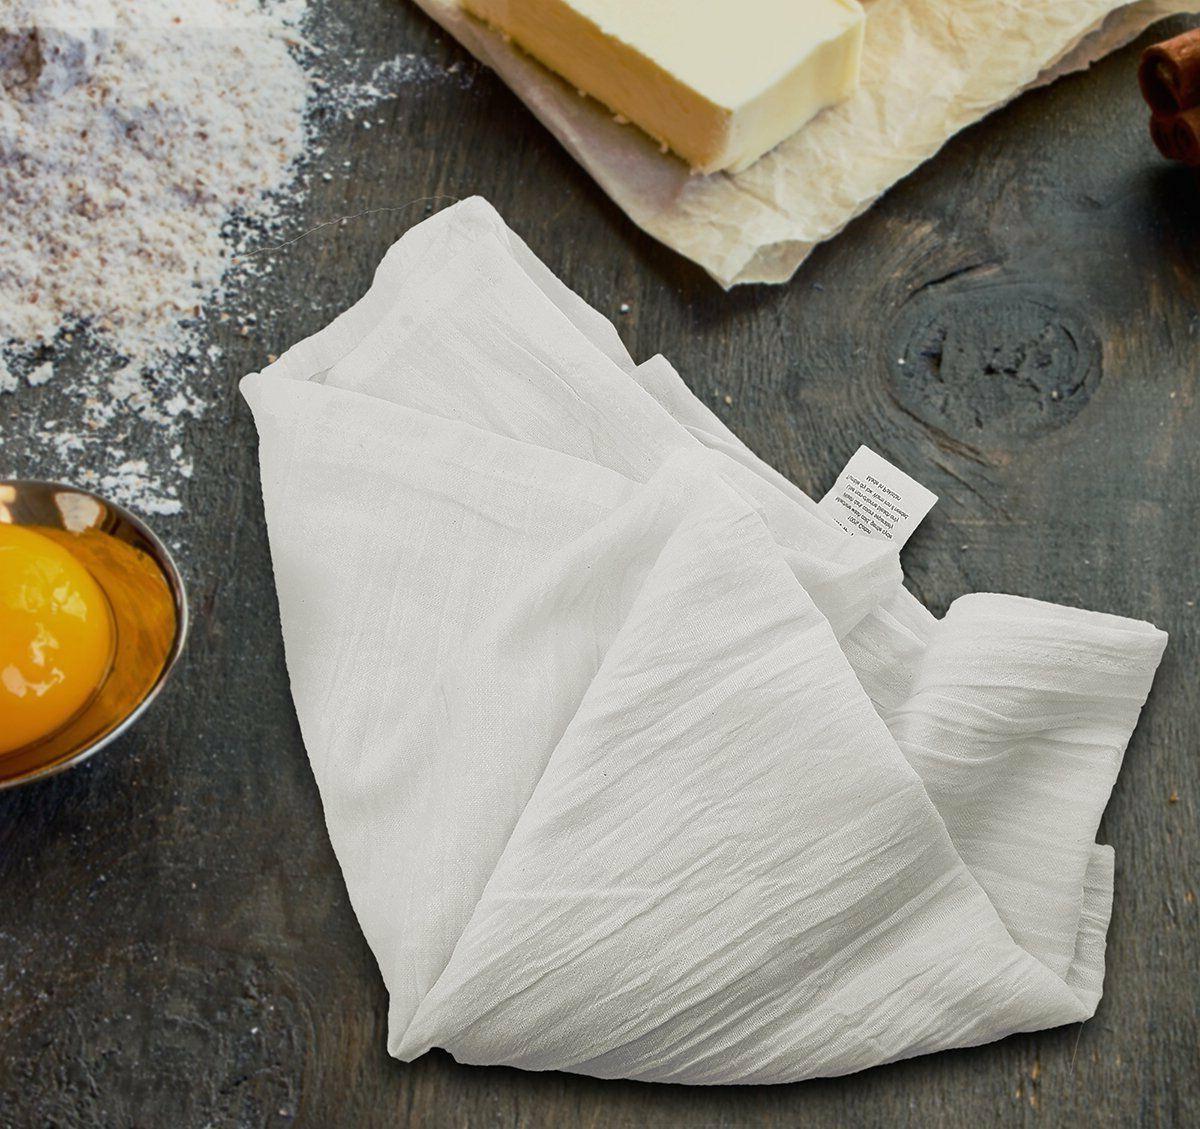 28 x Flour Absorbent Utopia Kitchen